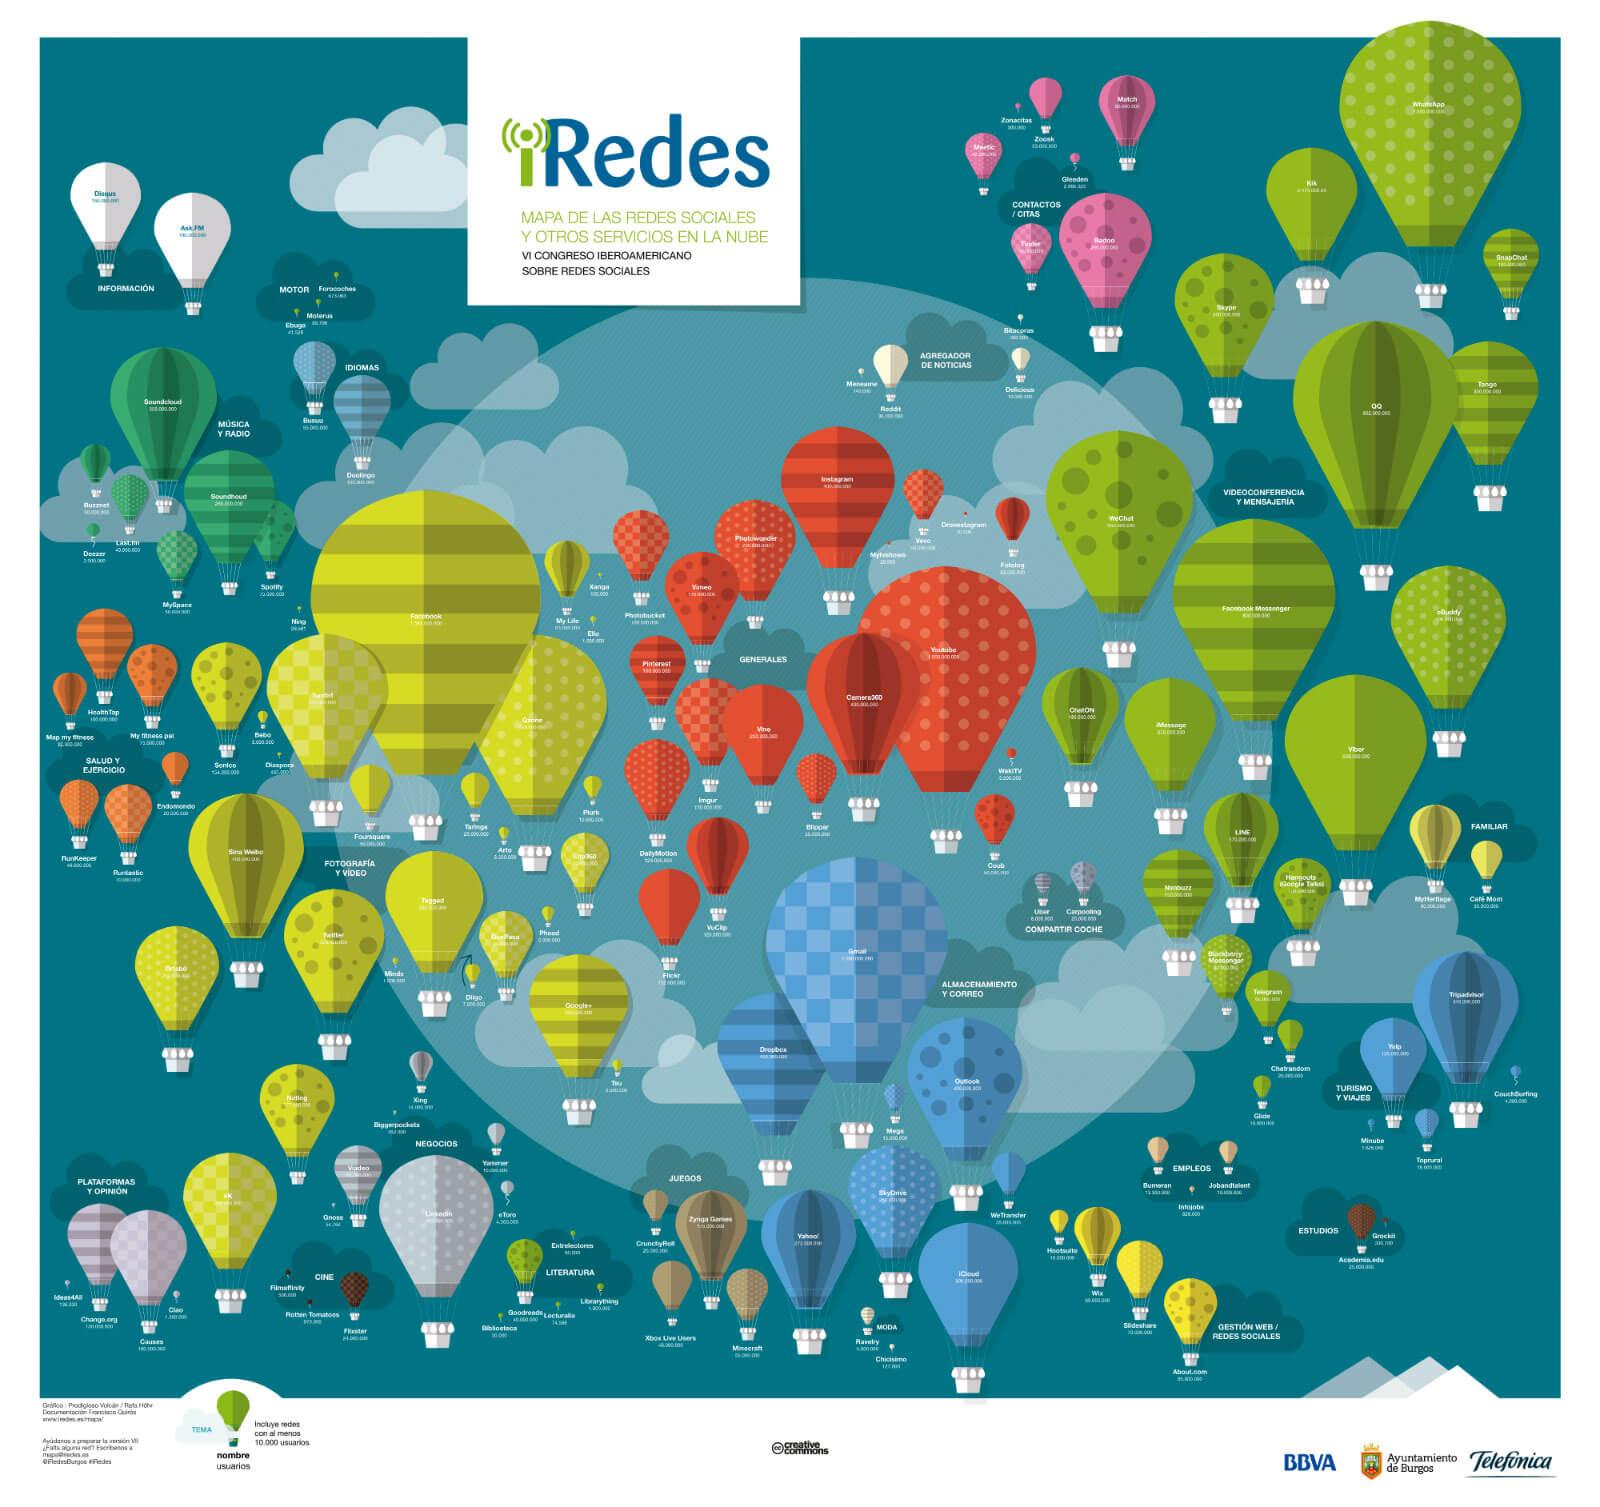 Mapa de todas las redes sociales y otros servicios en la nube. IRedes